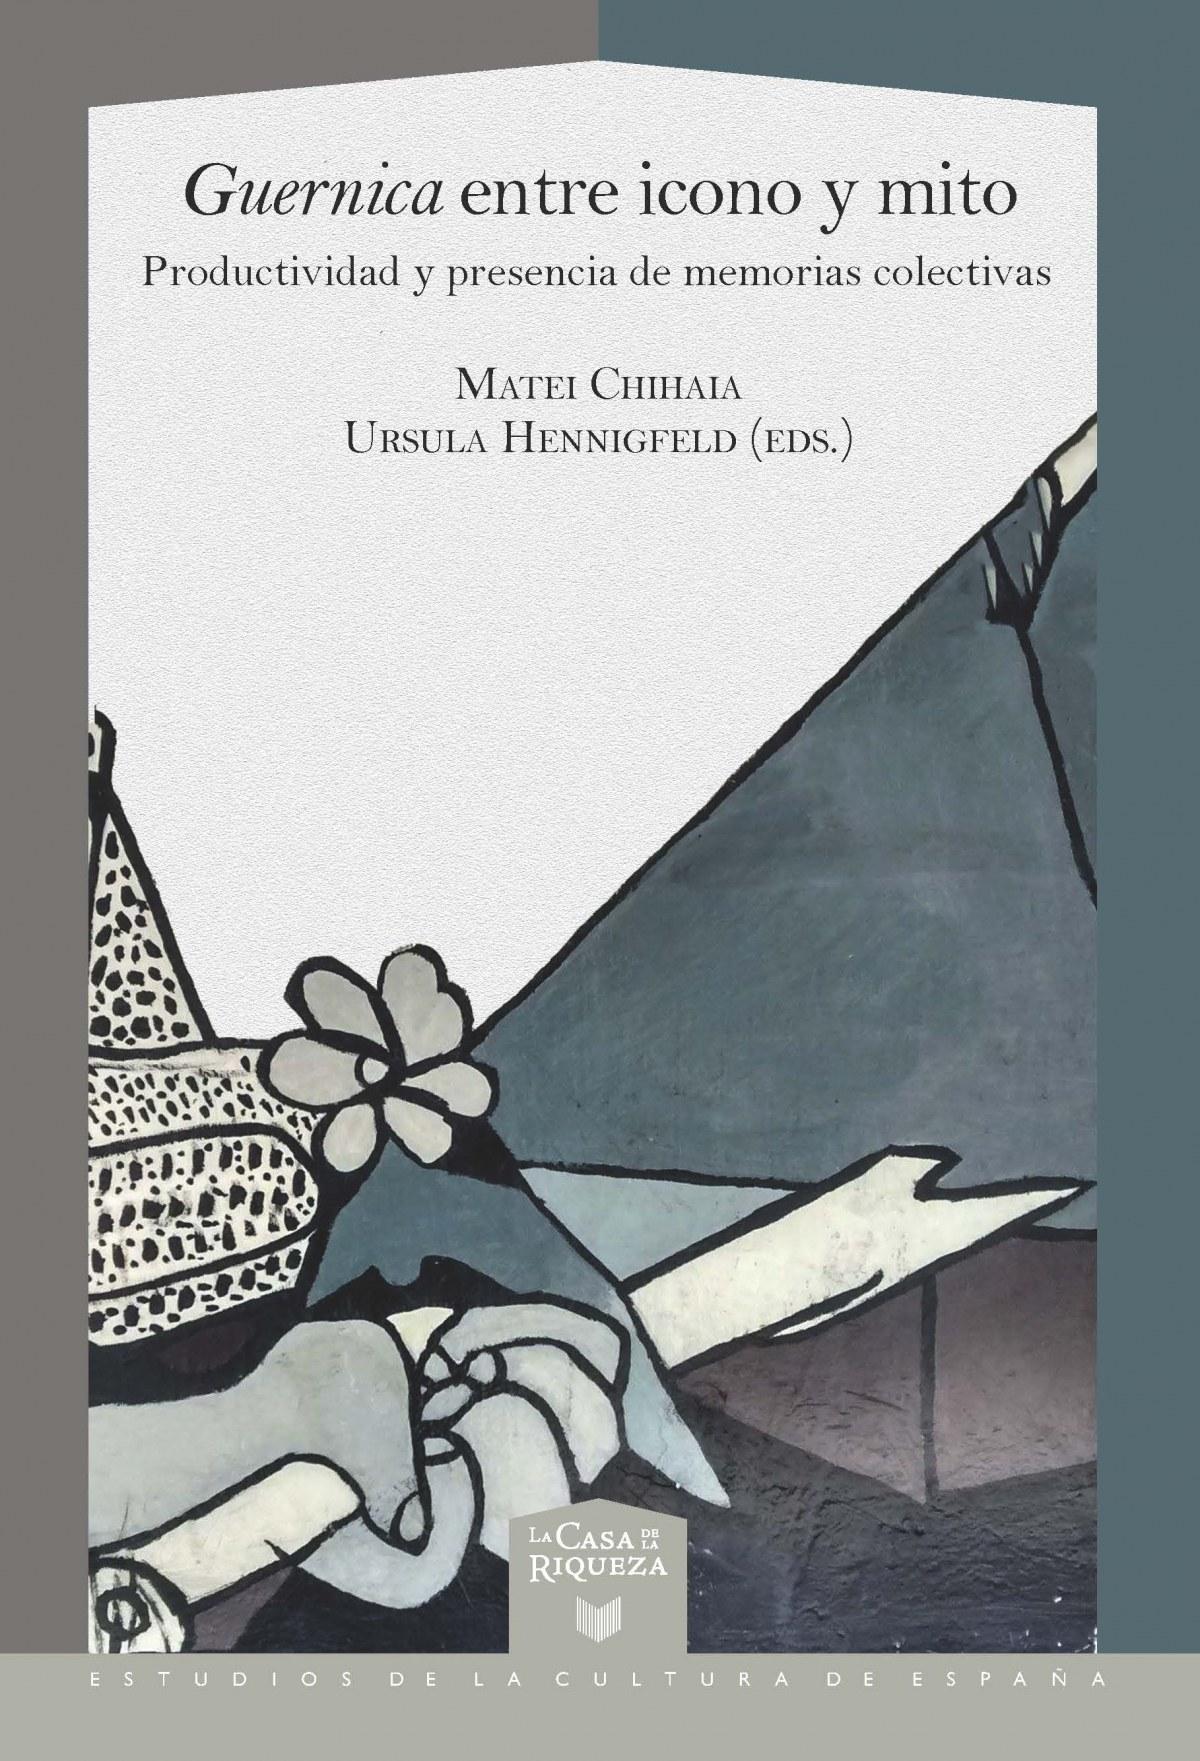 Guernica entre icono y mito.product.presencia memorias col